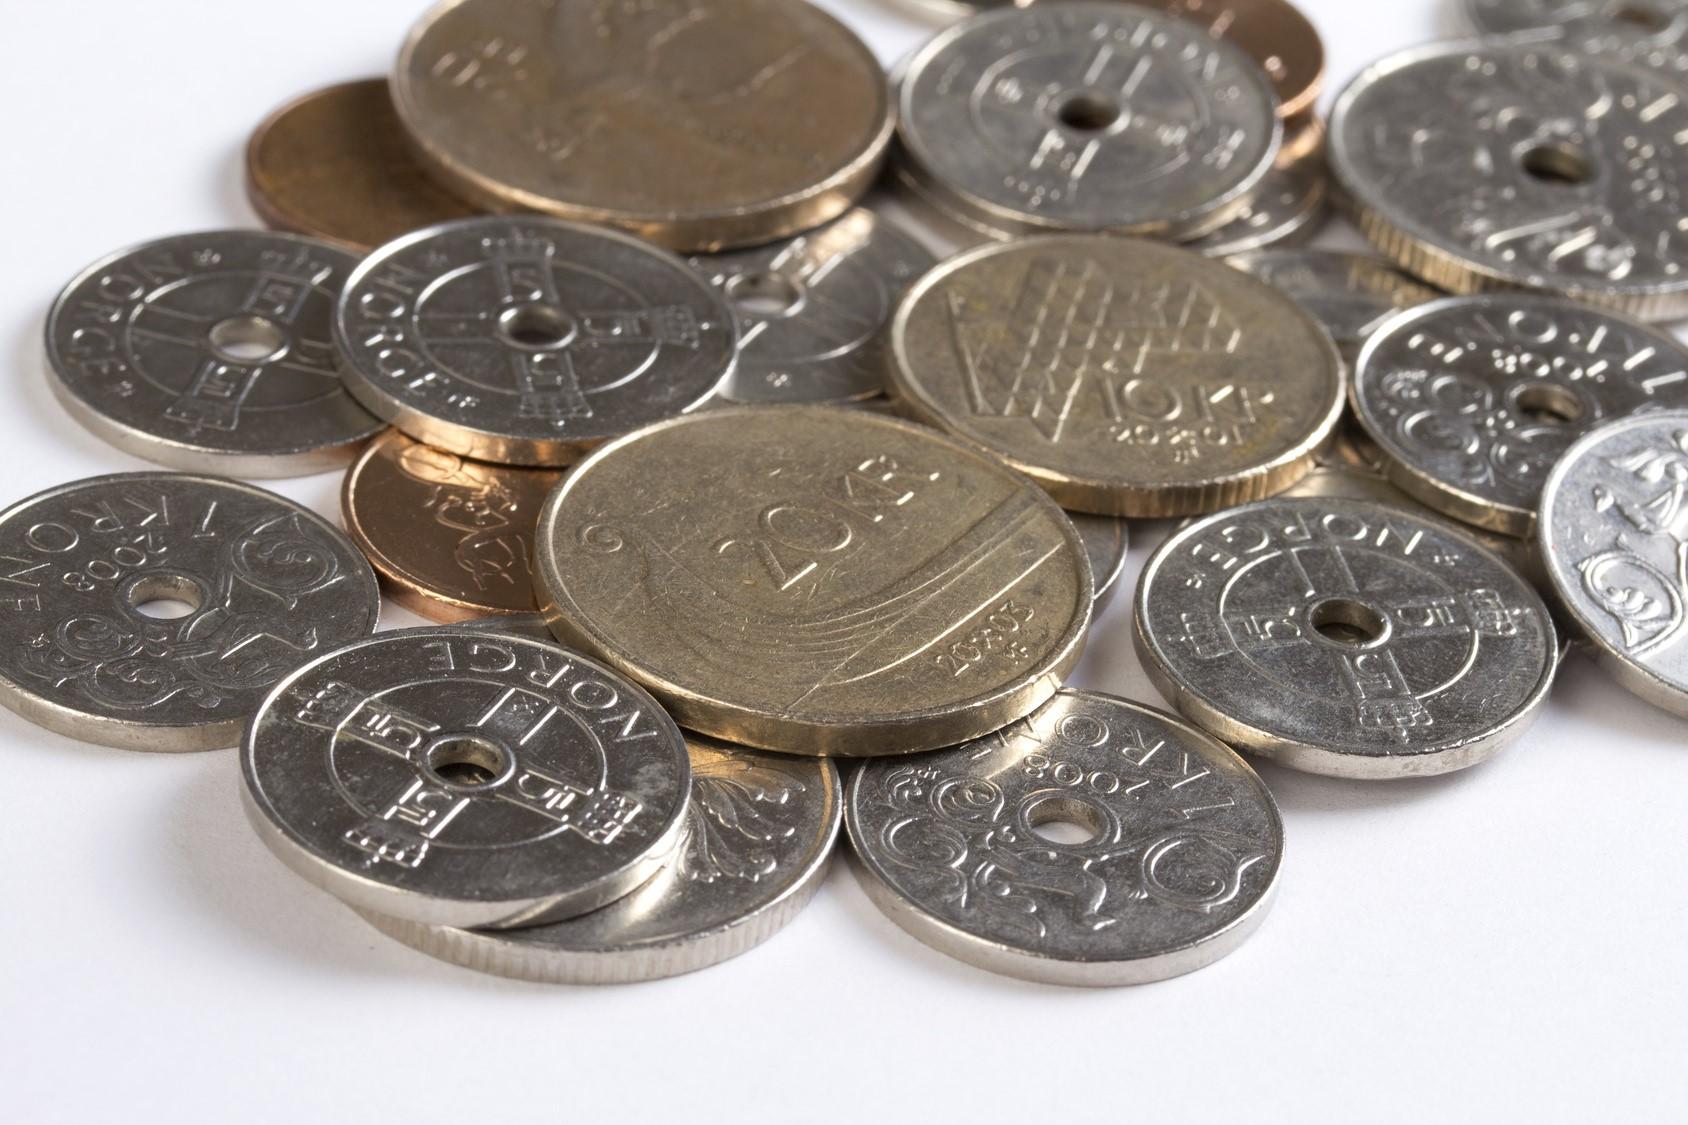 Forbrukertilsynet ønsker grundigere sjekk av kredittverdighet for de som søker forbrukslån